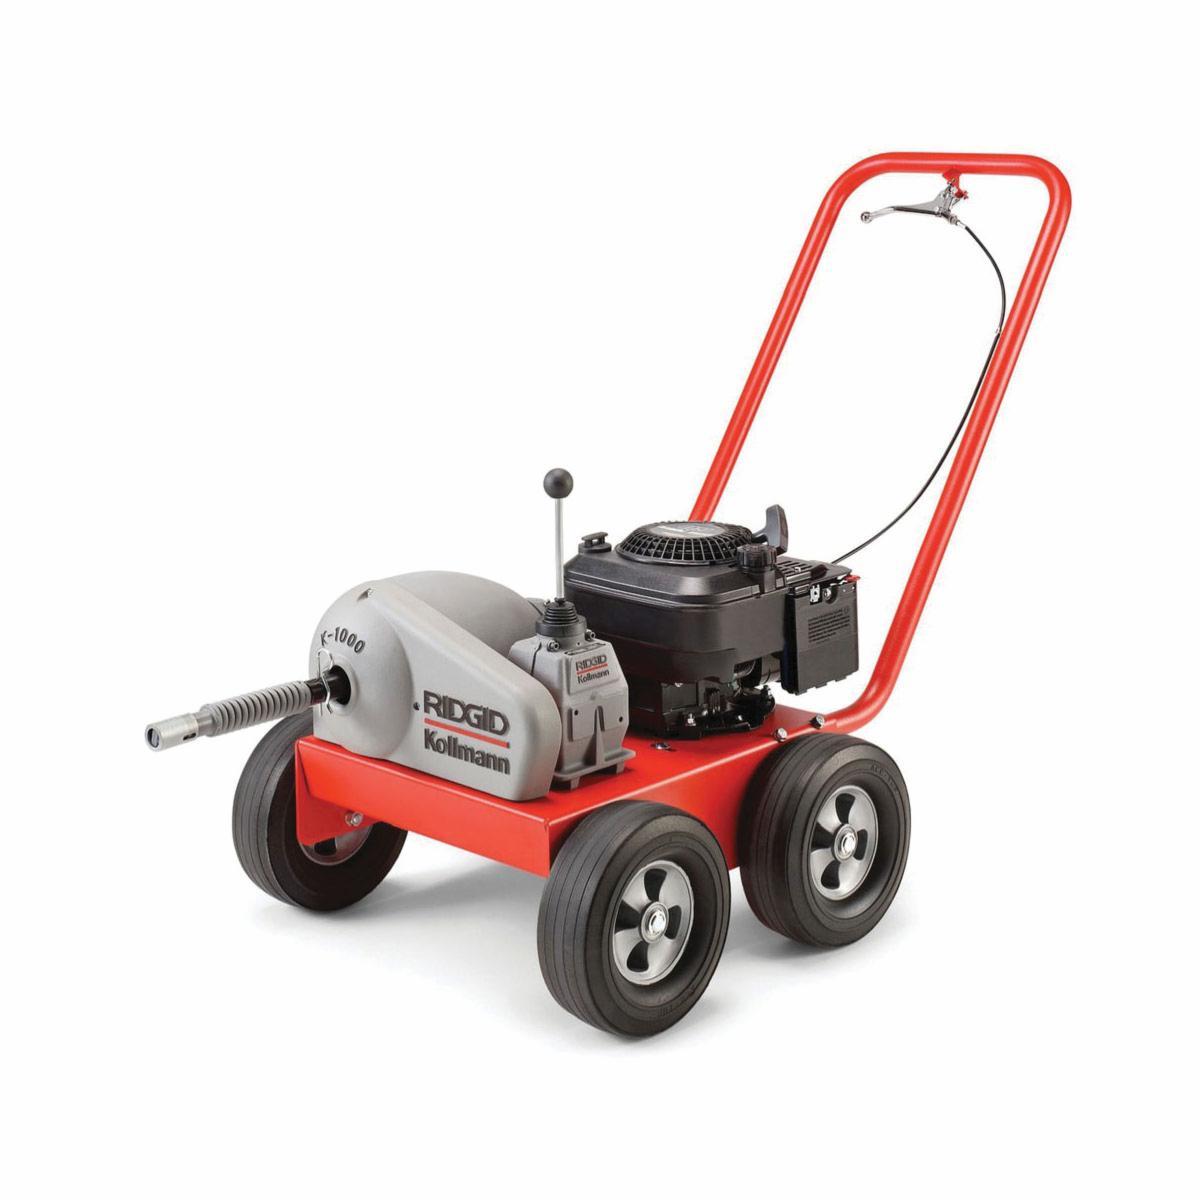 RIDGID® 59175 K-1000 Rodder Drain Cleaning Machine, 8 to 24 in Drain Line, 500 ft Max Run, 6 hp